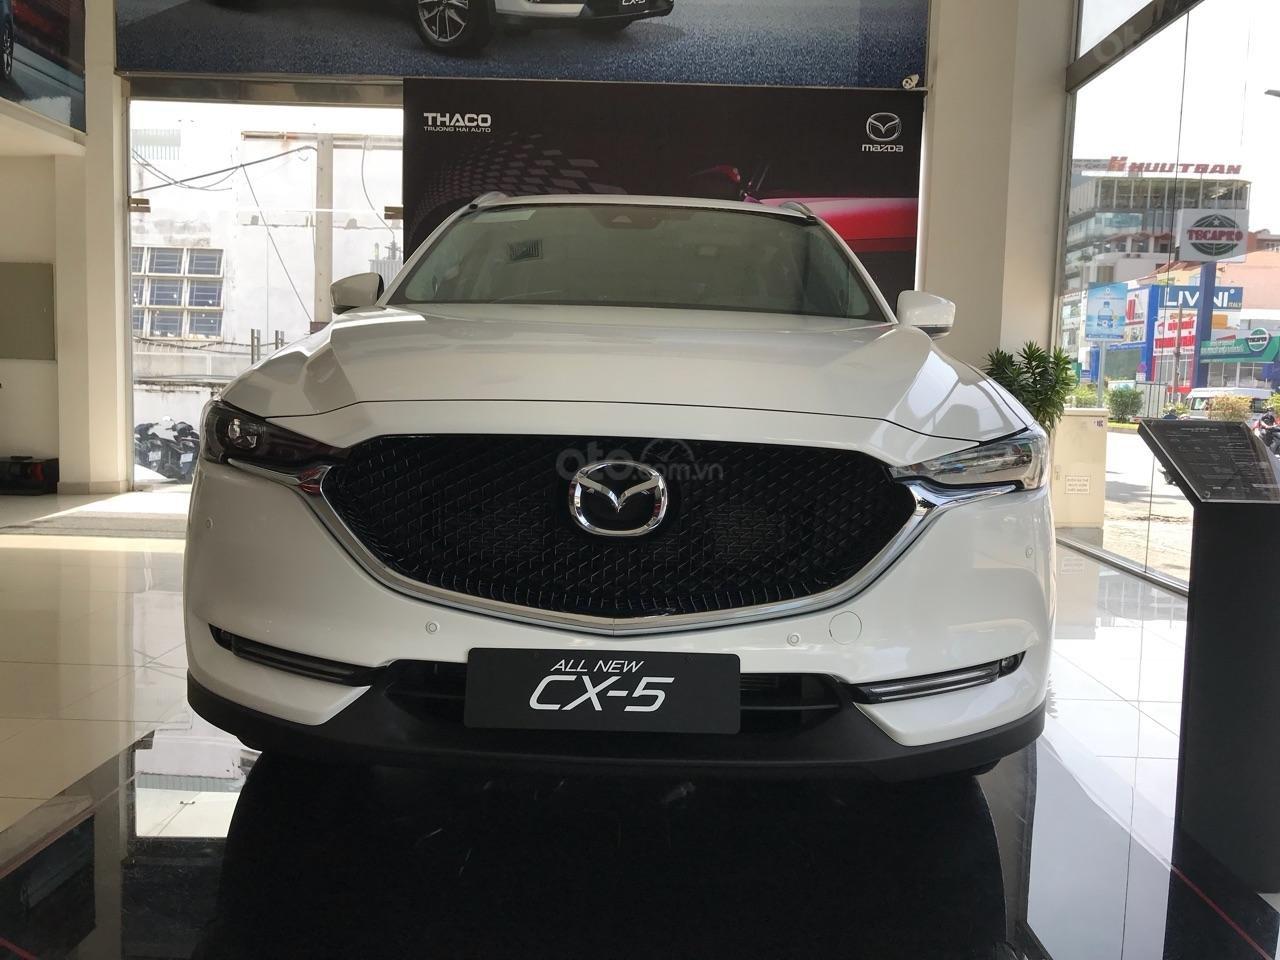 Bán Mazda CX5 2019 - Ưu đãi lên đến 45tr  duy nhất 10 ngày vàng tháng 3 - Xe đủ màu - Giao ngay-0